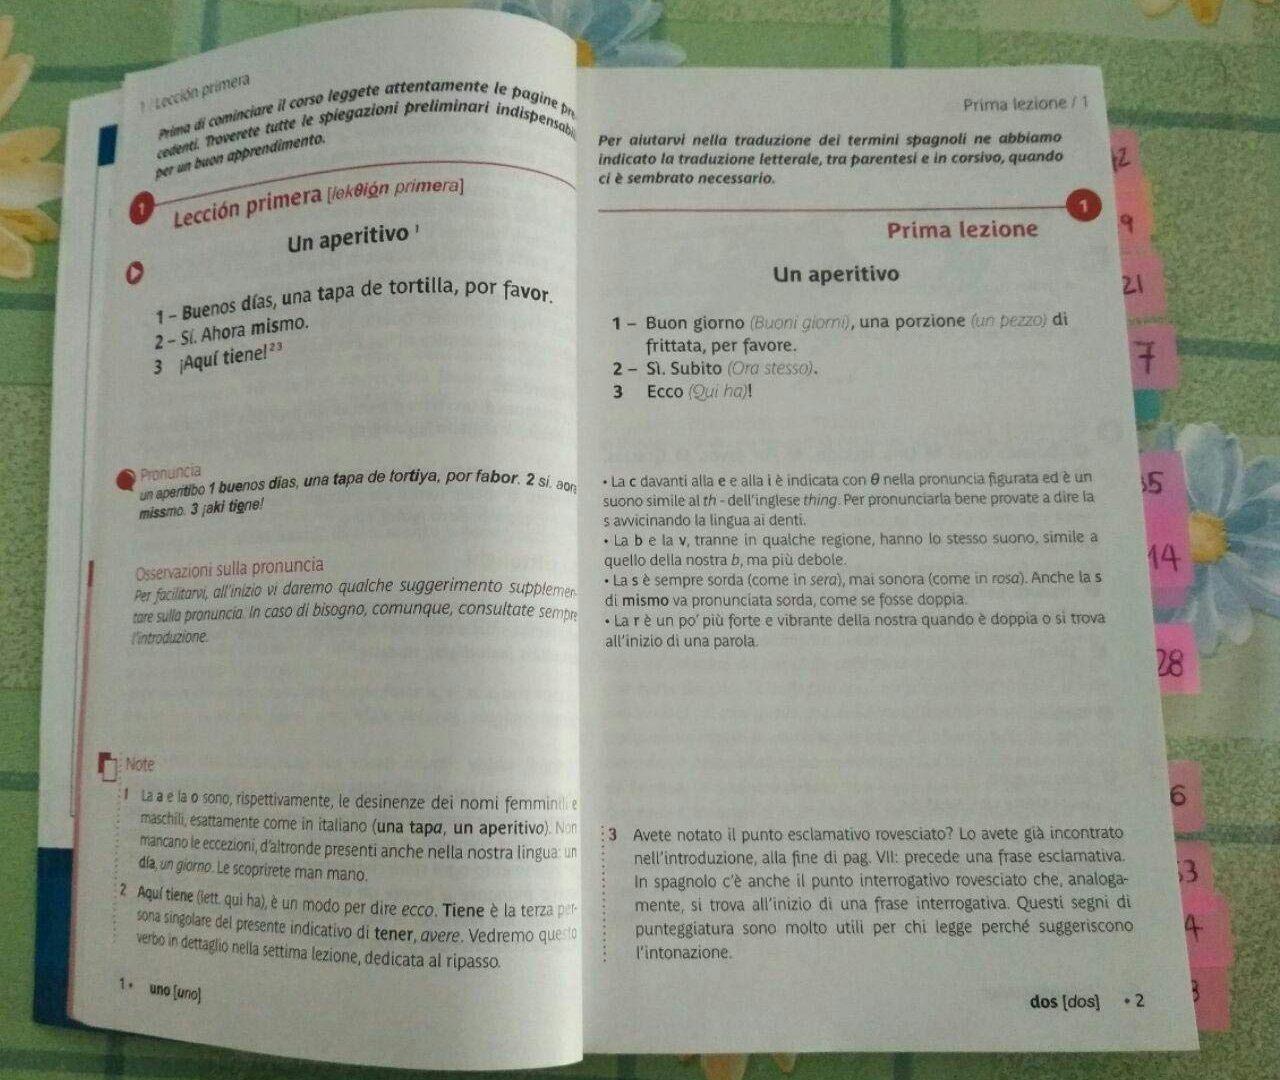 Spagnolo Espanol (4)